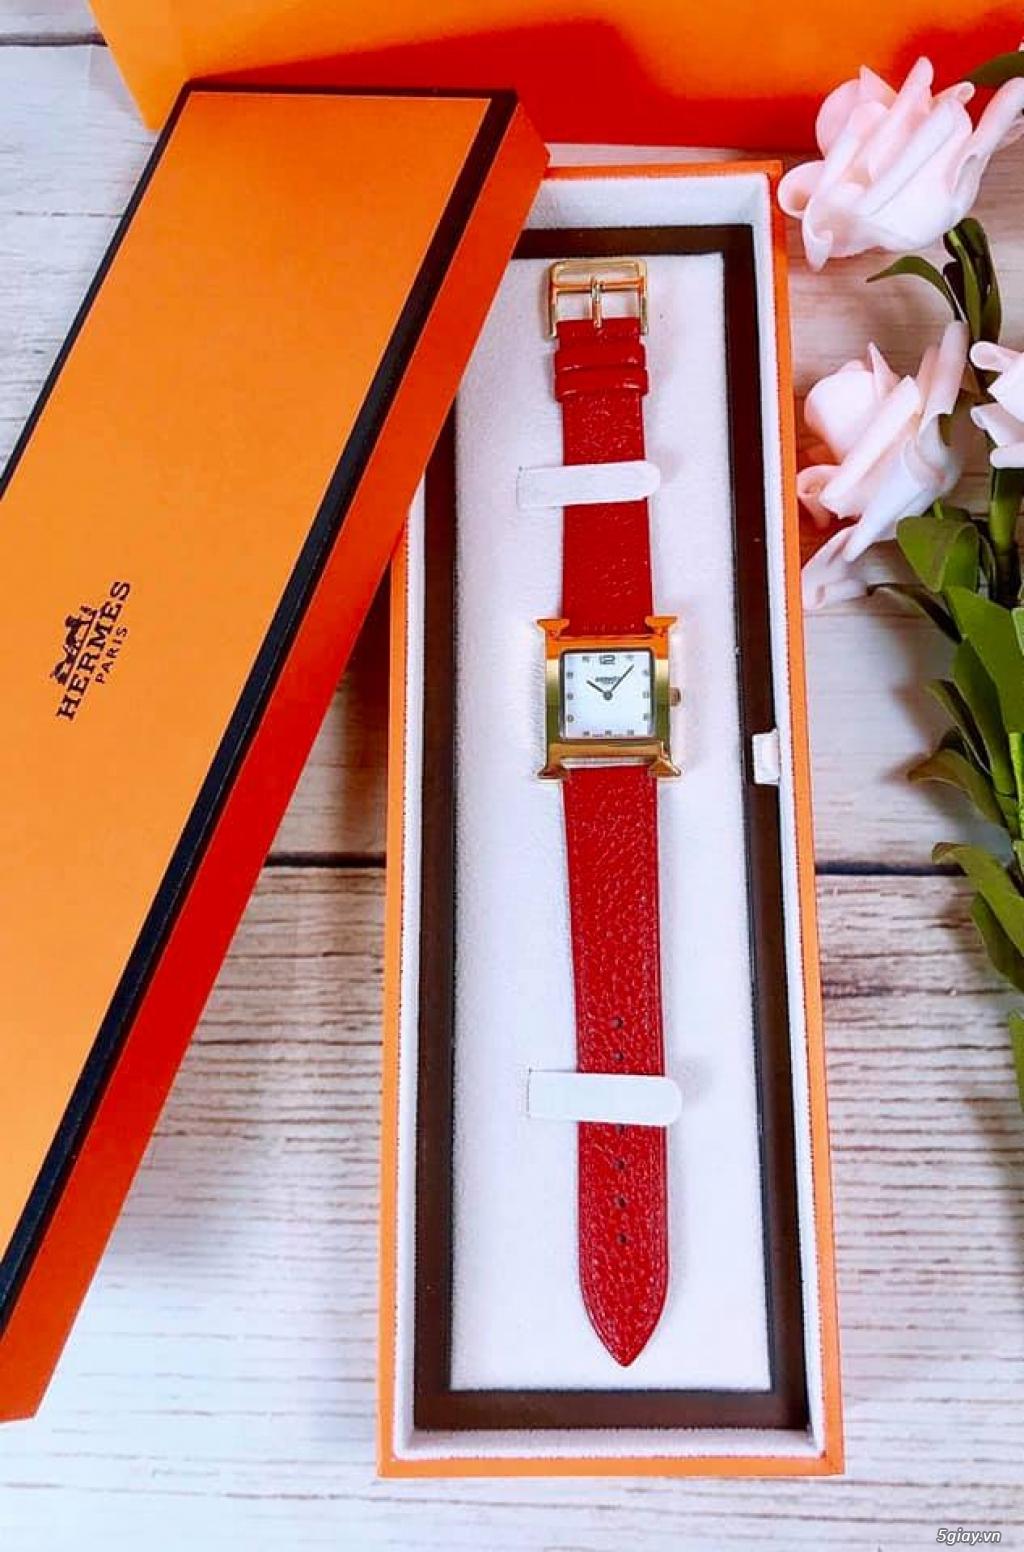 Chuyên bỏ sỉ đồng hồ đeo tay nam nữ  chất lượng Replica, F1 - 7